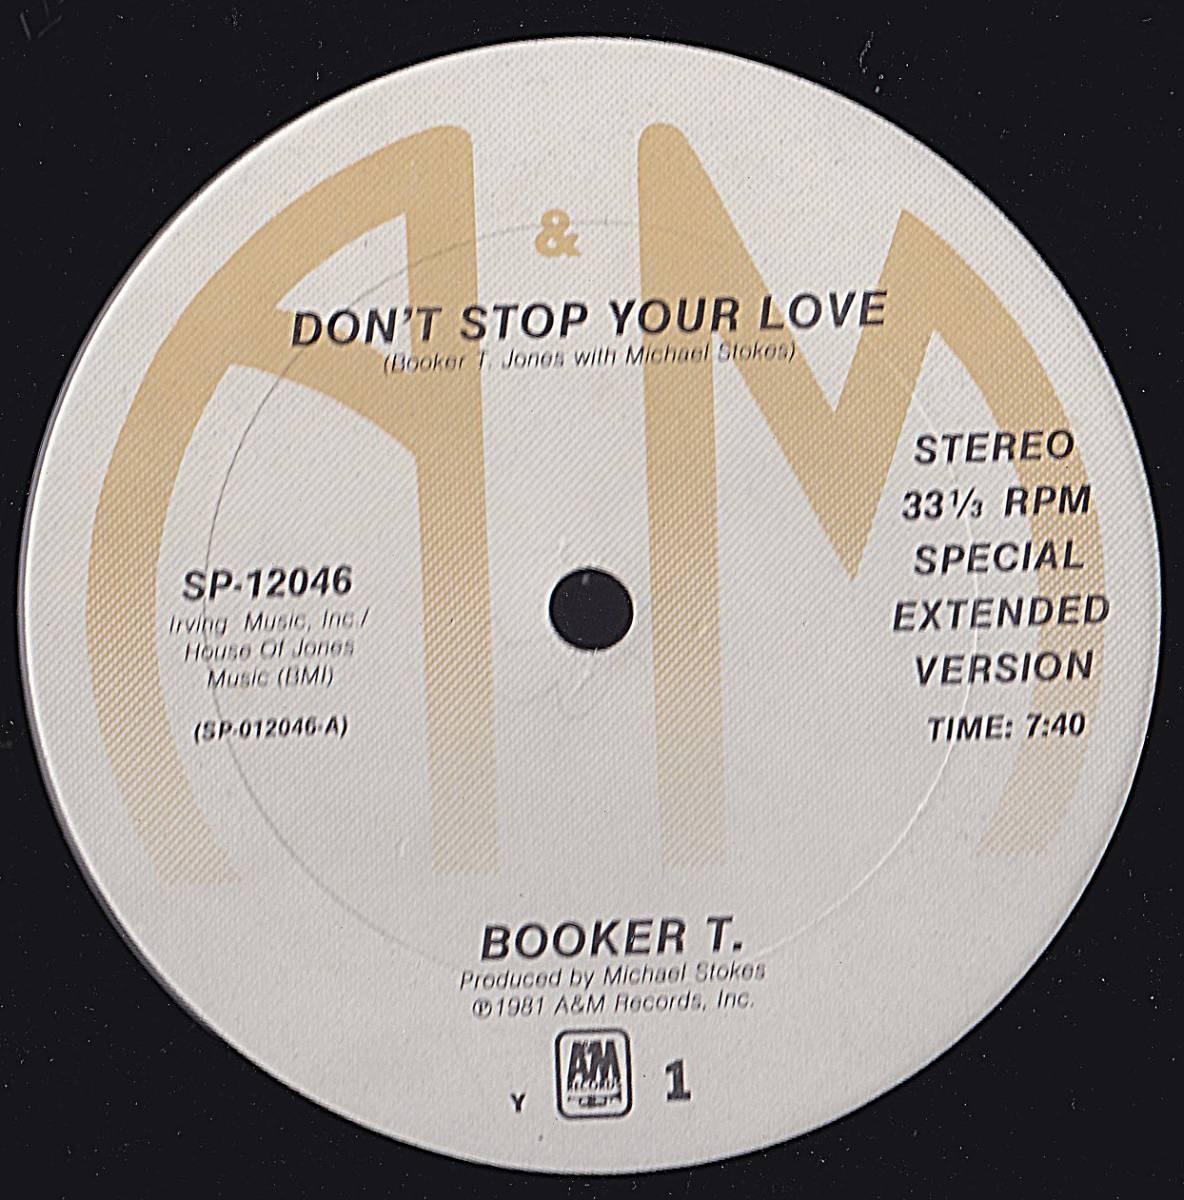 ダンクラ12inch★BOOKER T, / Don't stop your love★A&M★_画像1